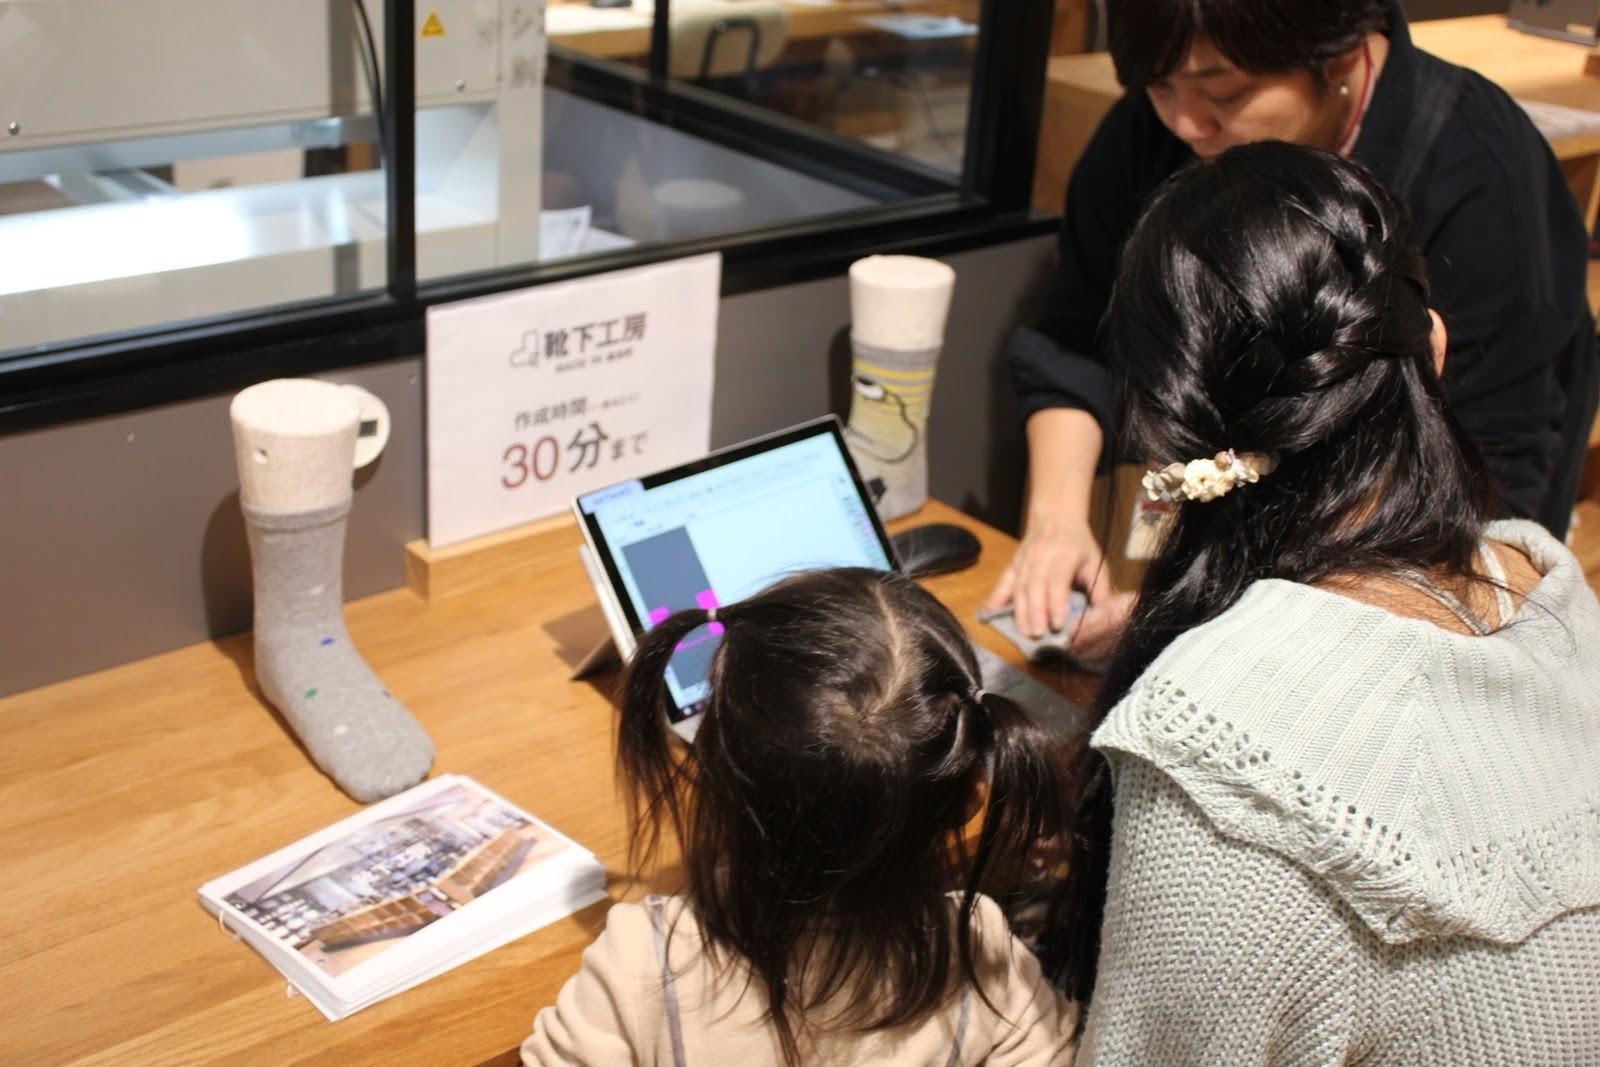 タブレット+マウスの簡単操作、店員さんのレクチャー付き。2歳児も興味津々。